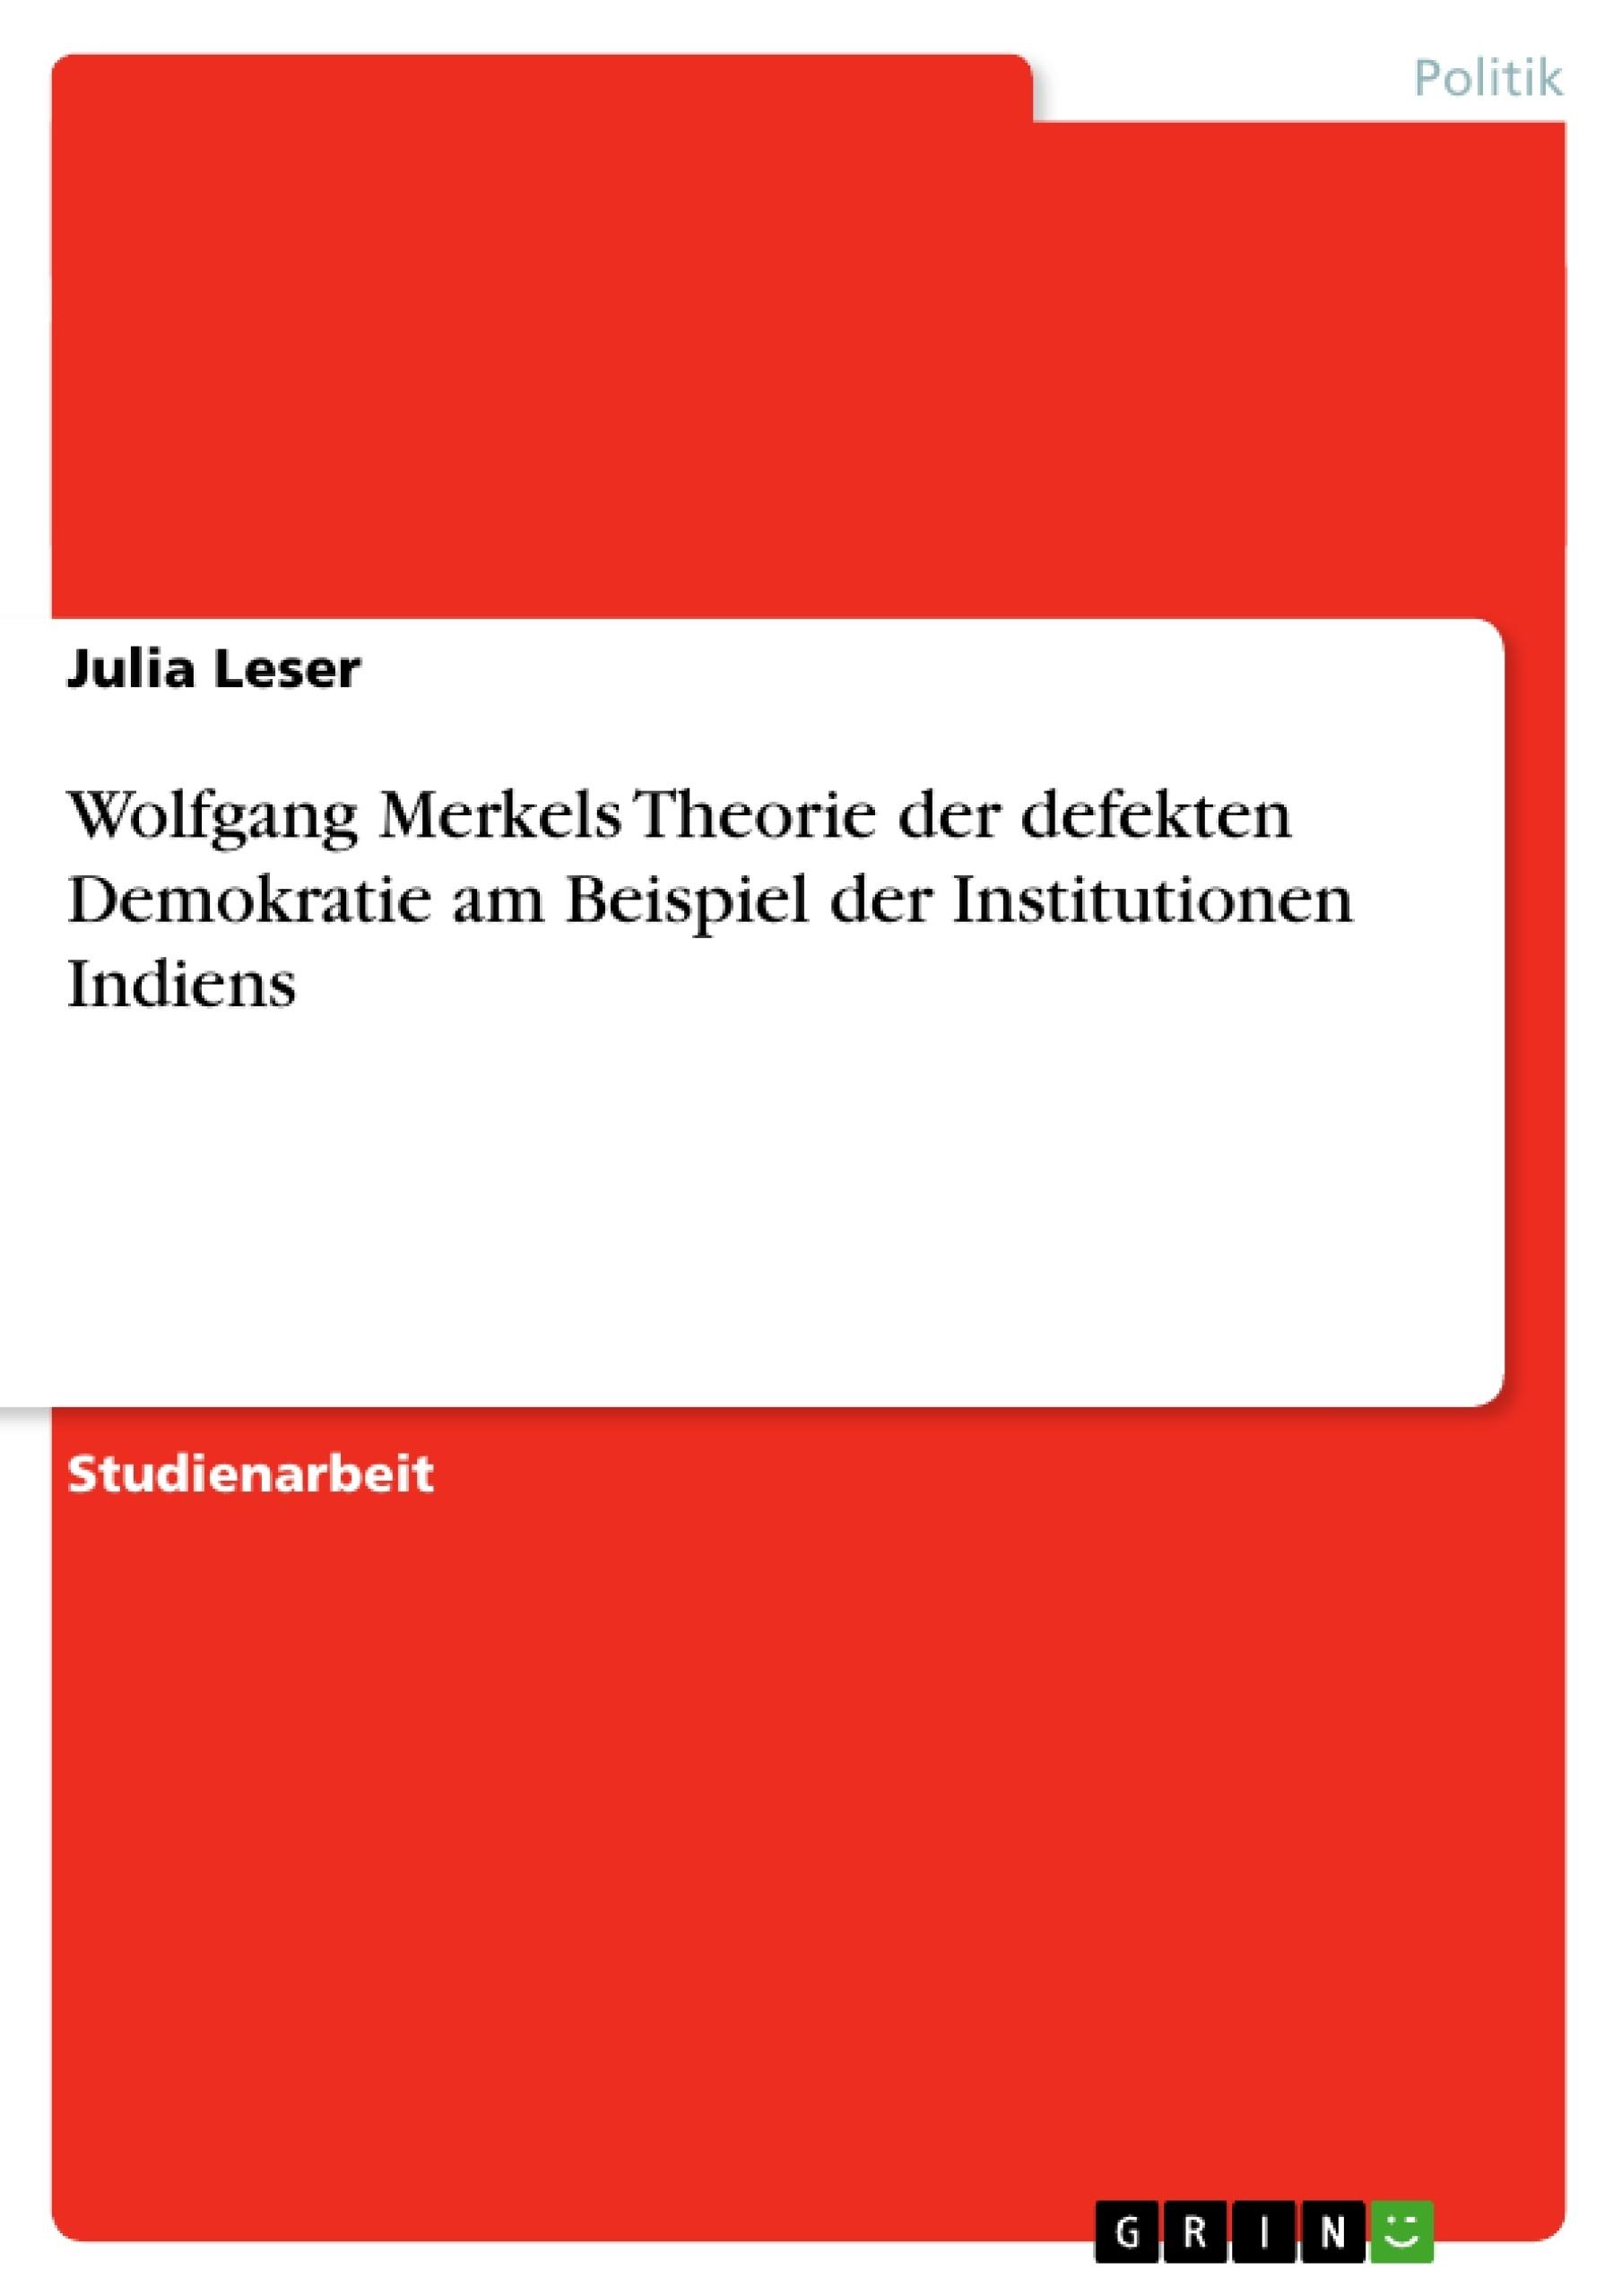 Titel: Wolfgang Merkels Theorie der defekten Demokratie am Beispiel der Institutionen Indiens